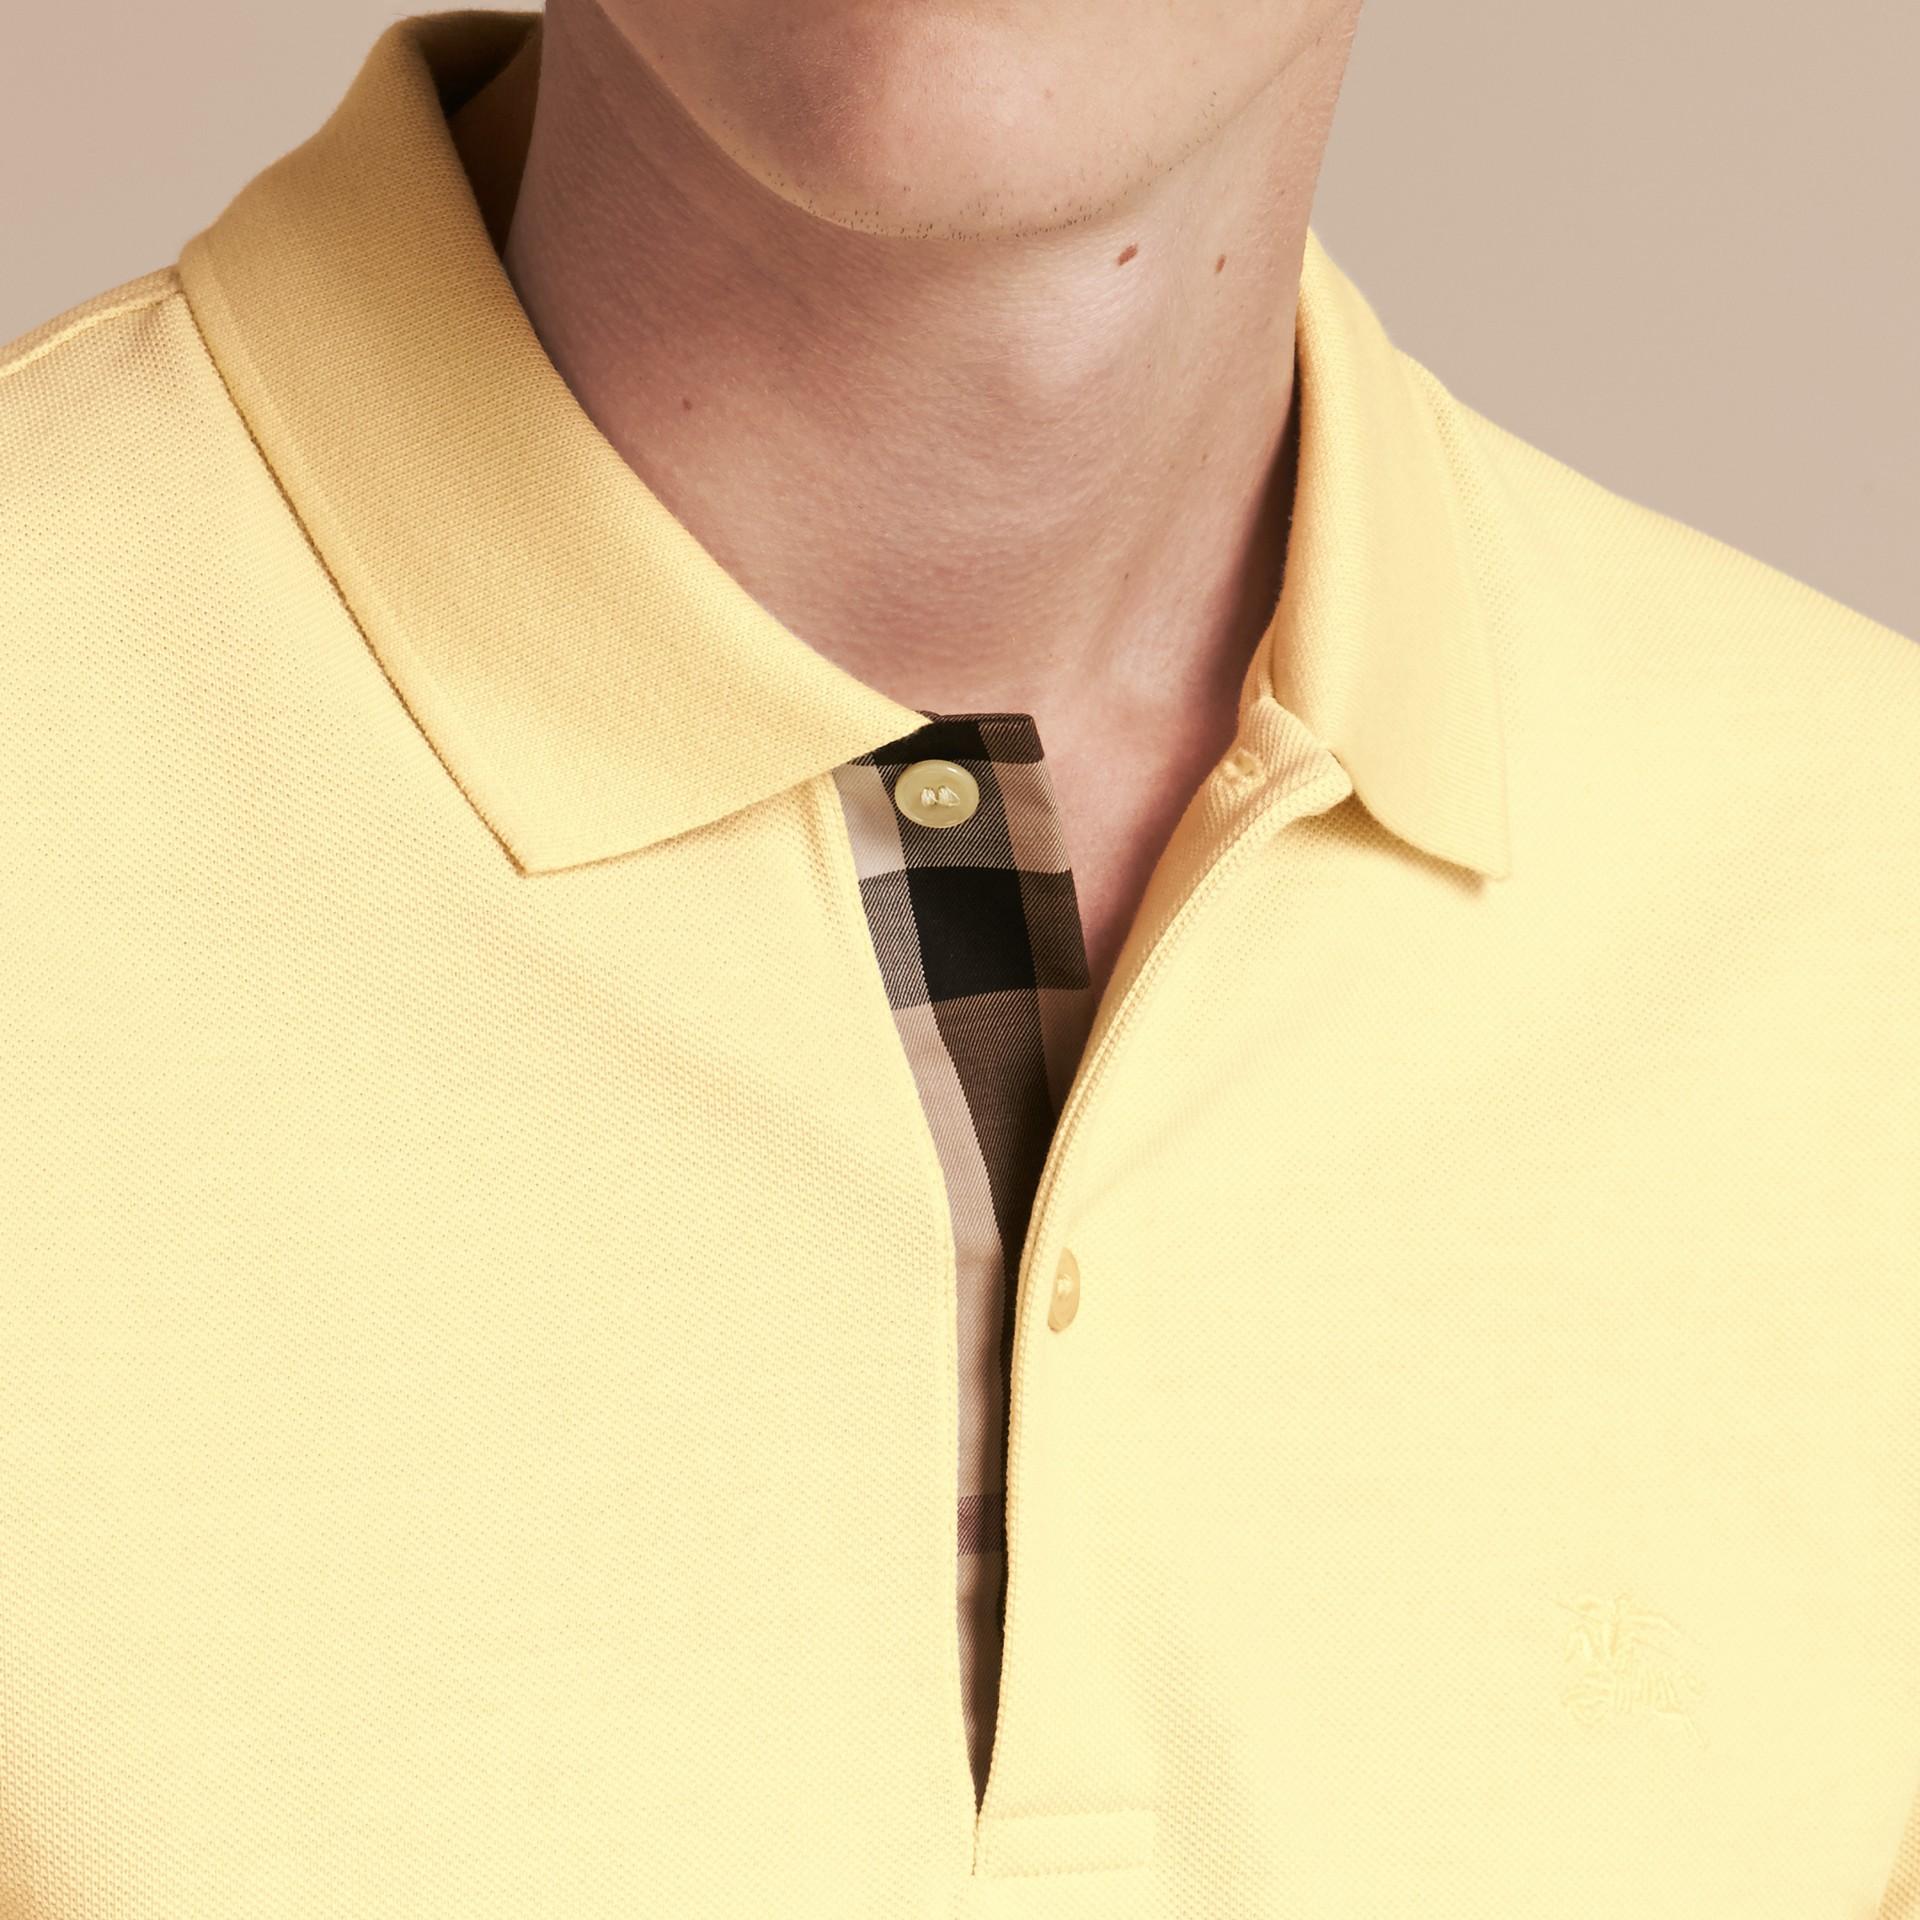 チェックプラケット コットンピケ ポロシャツ (バニライエロー) - メンズ | バーバリー - ギャラリーイメージ 5